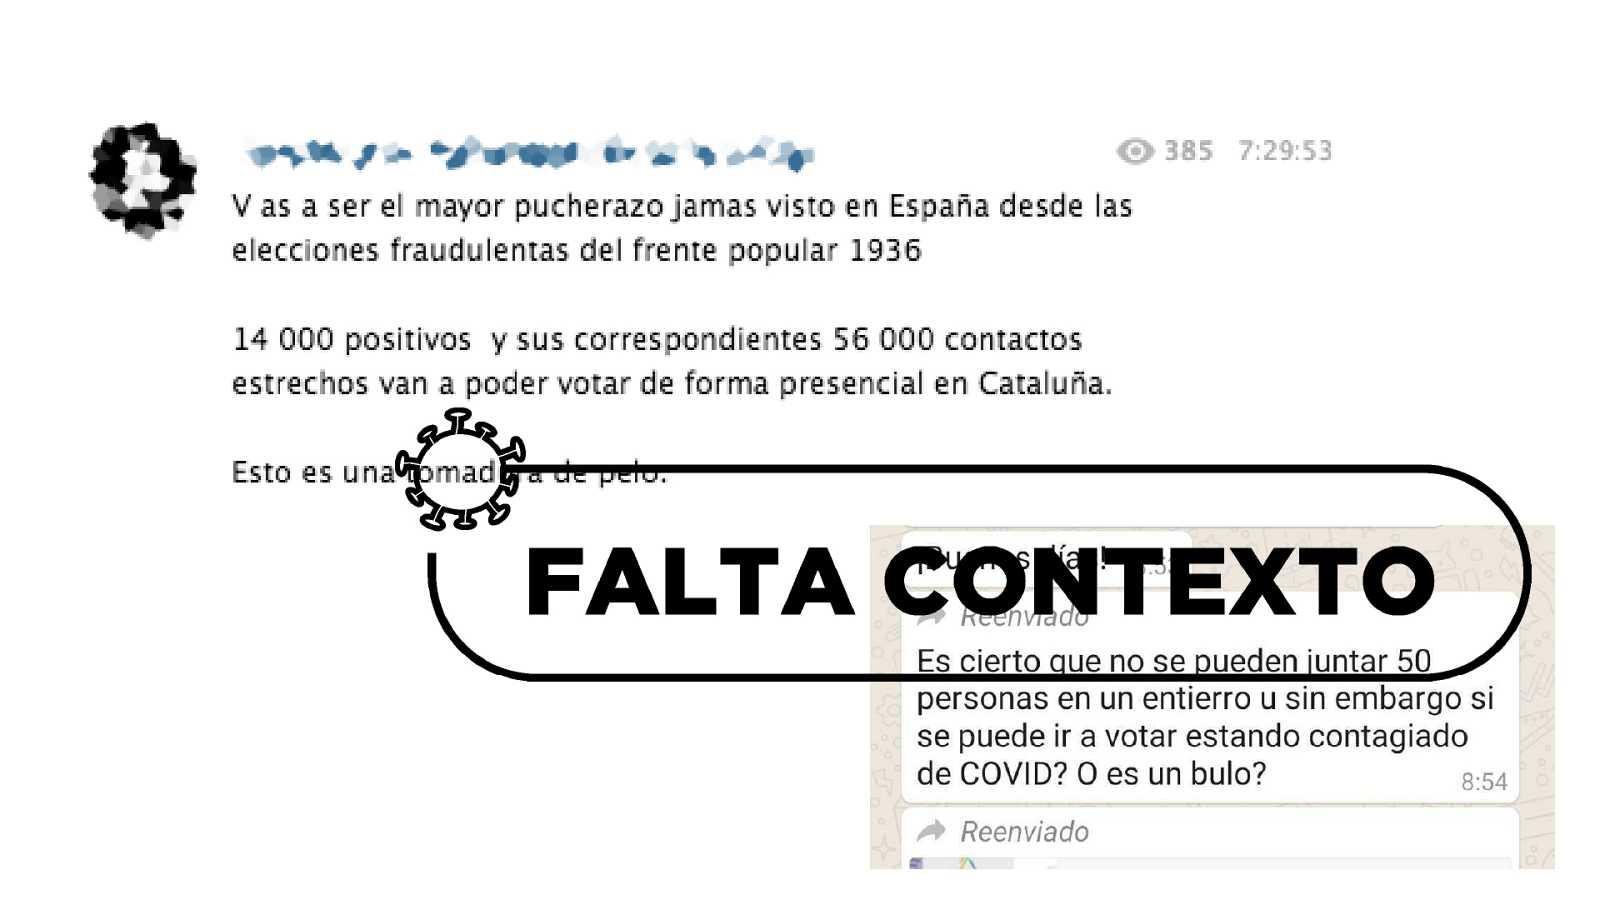 Distintas capturas sobre bulos sobre el voto de los contagiados en las elecciones catalanas